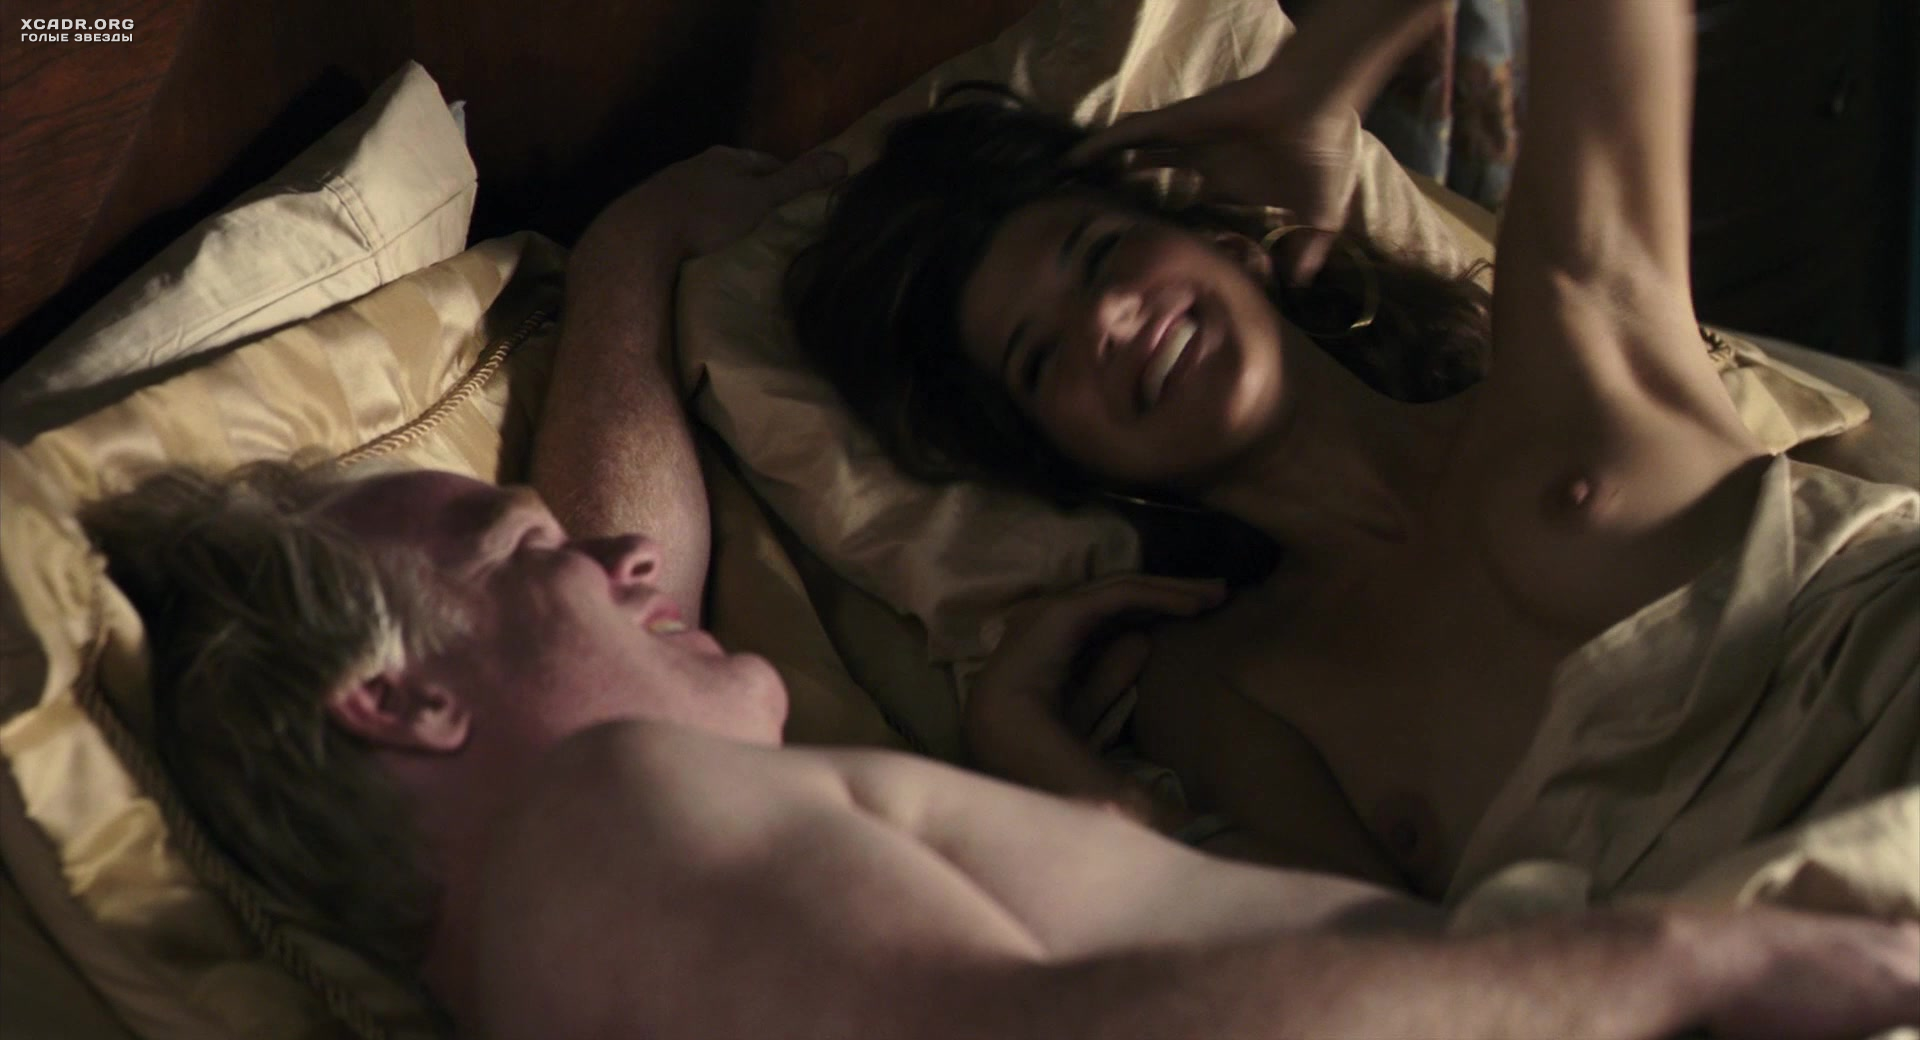 ебут анал постельные сцены из фильмов сайт это тем